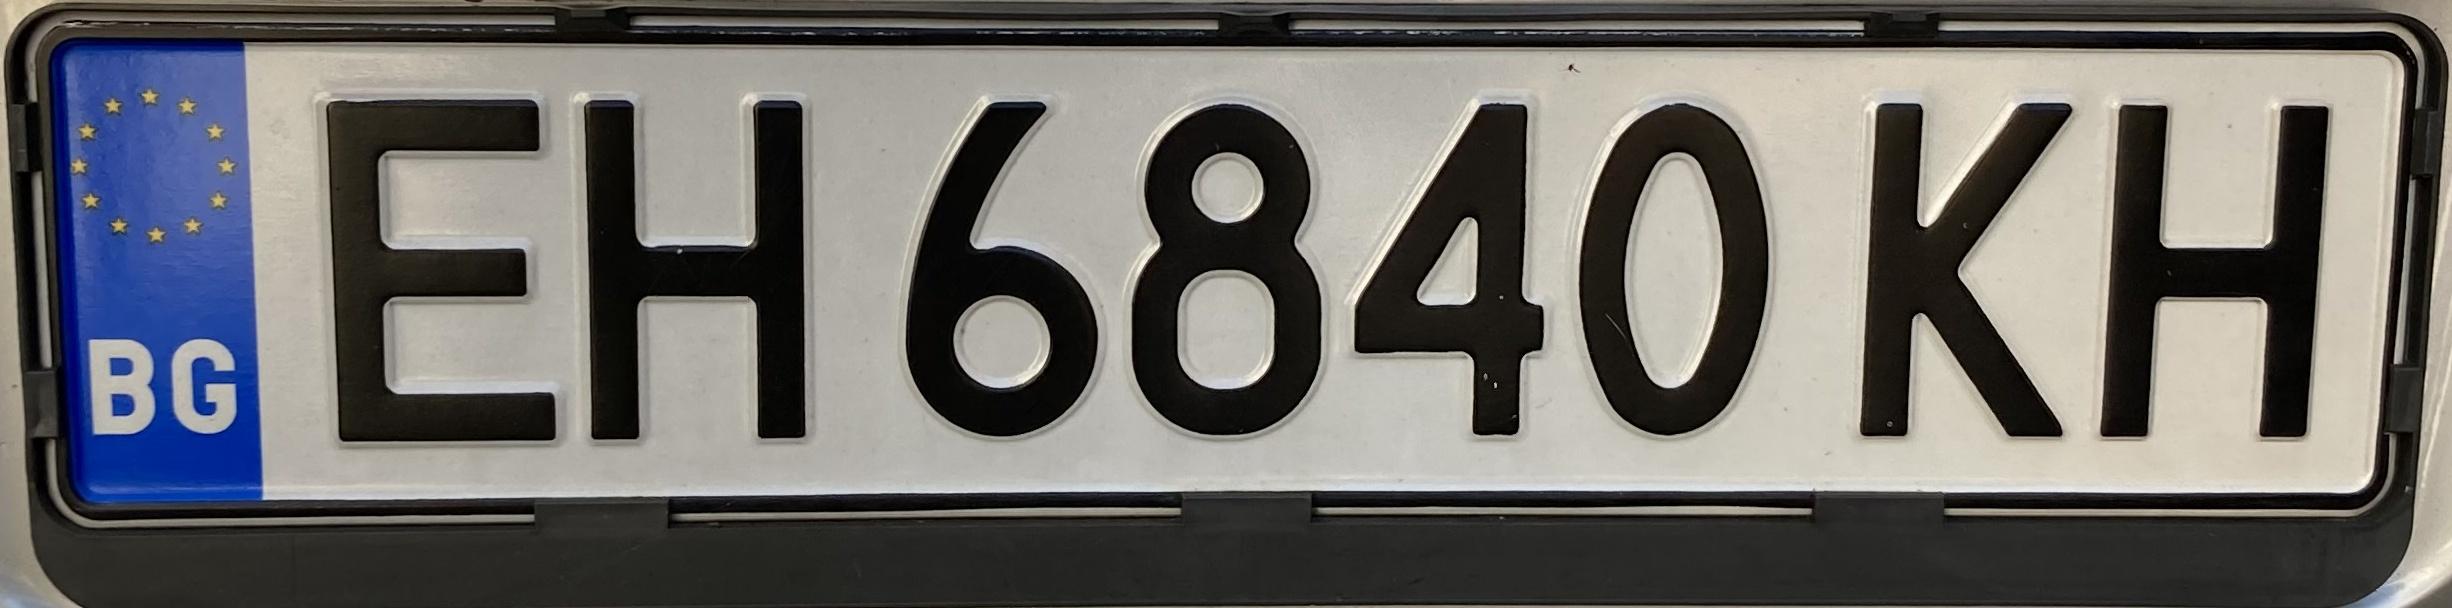 Registrační znaky Bulharsko – EH – Pleven, foto: www.podalnici.cz